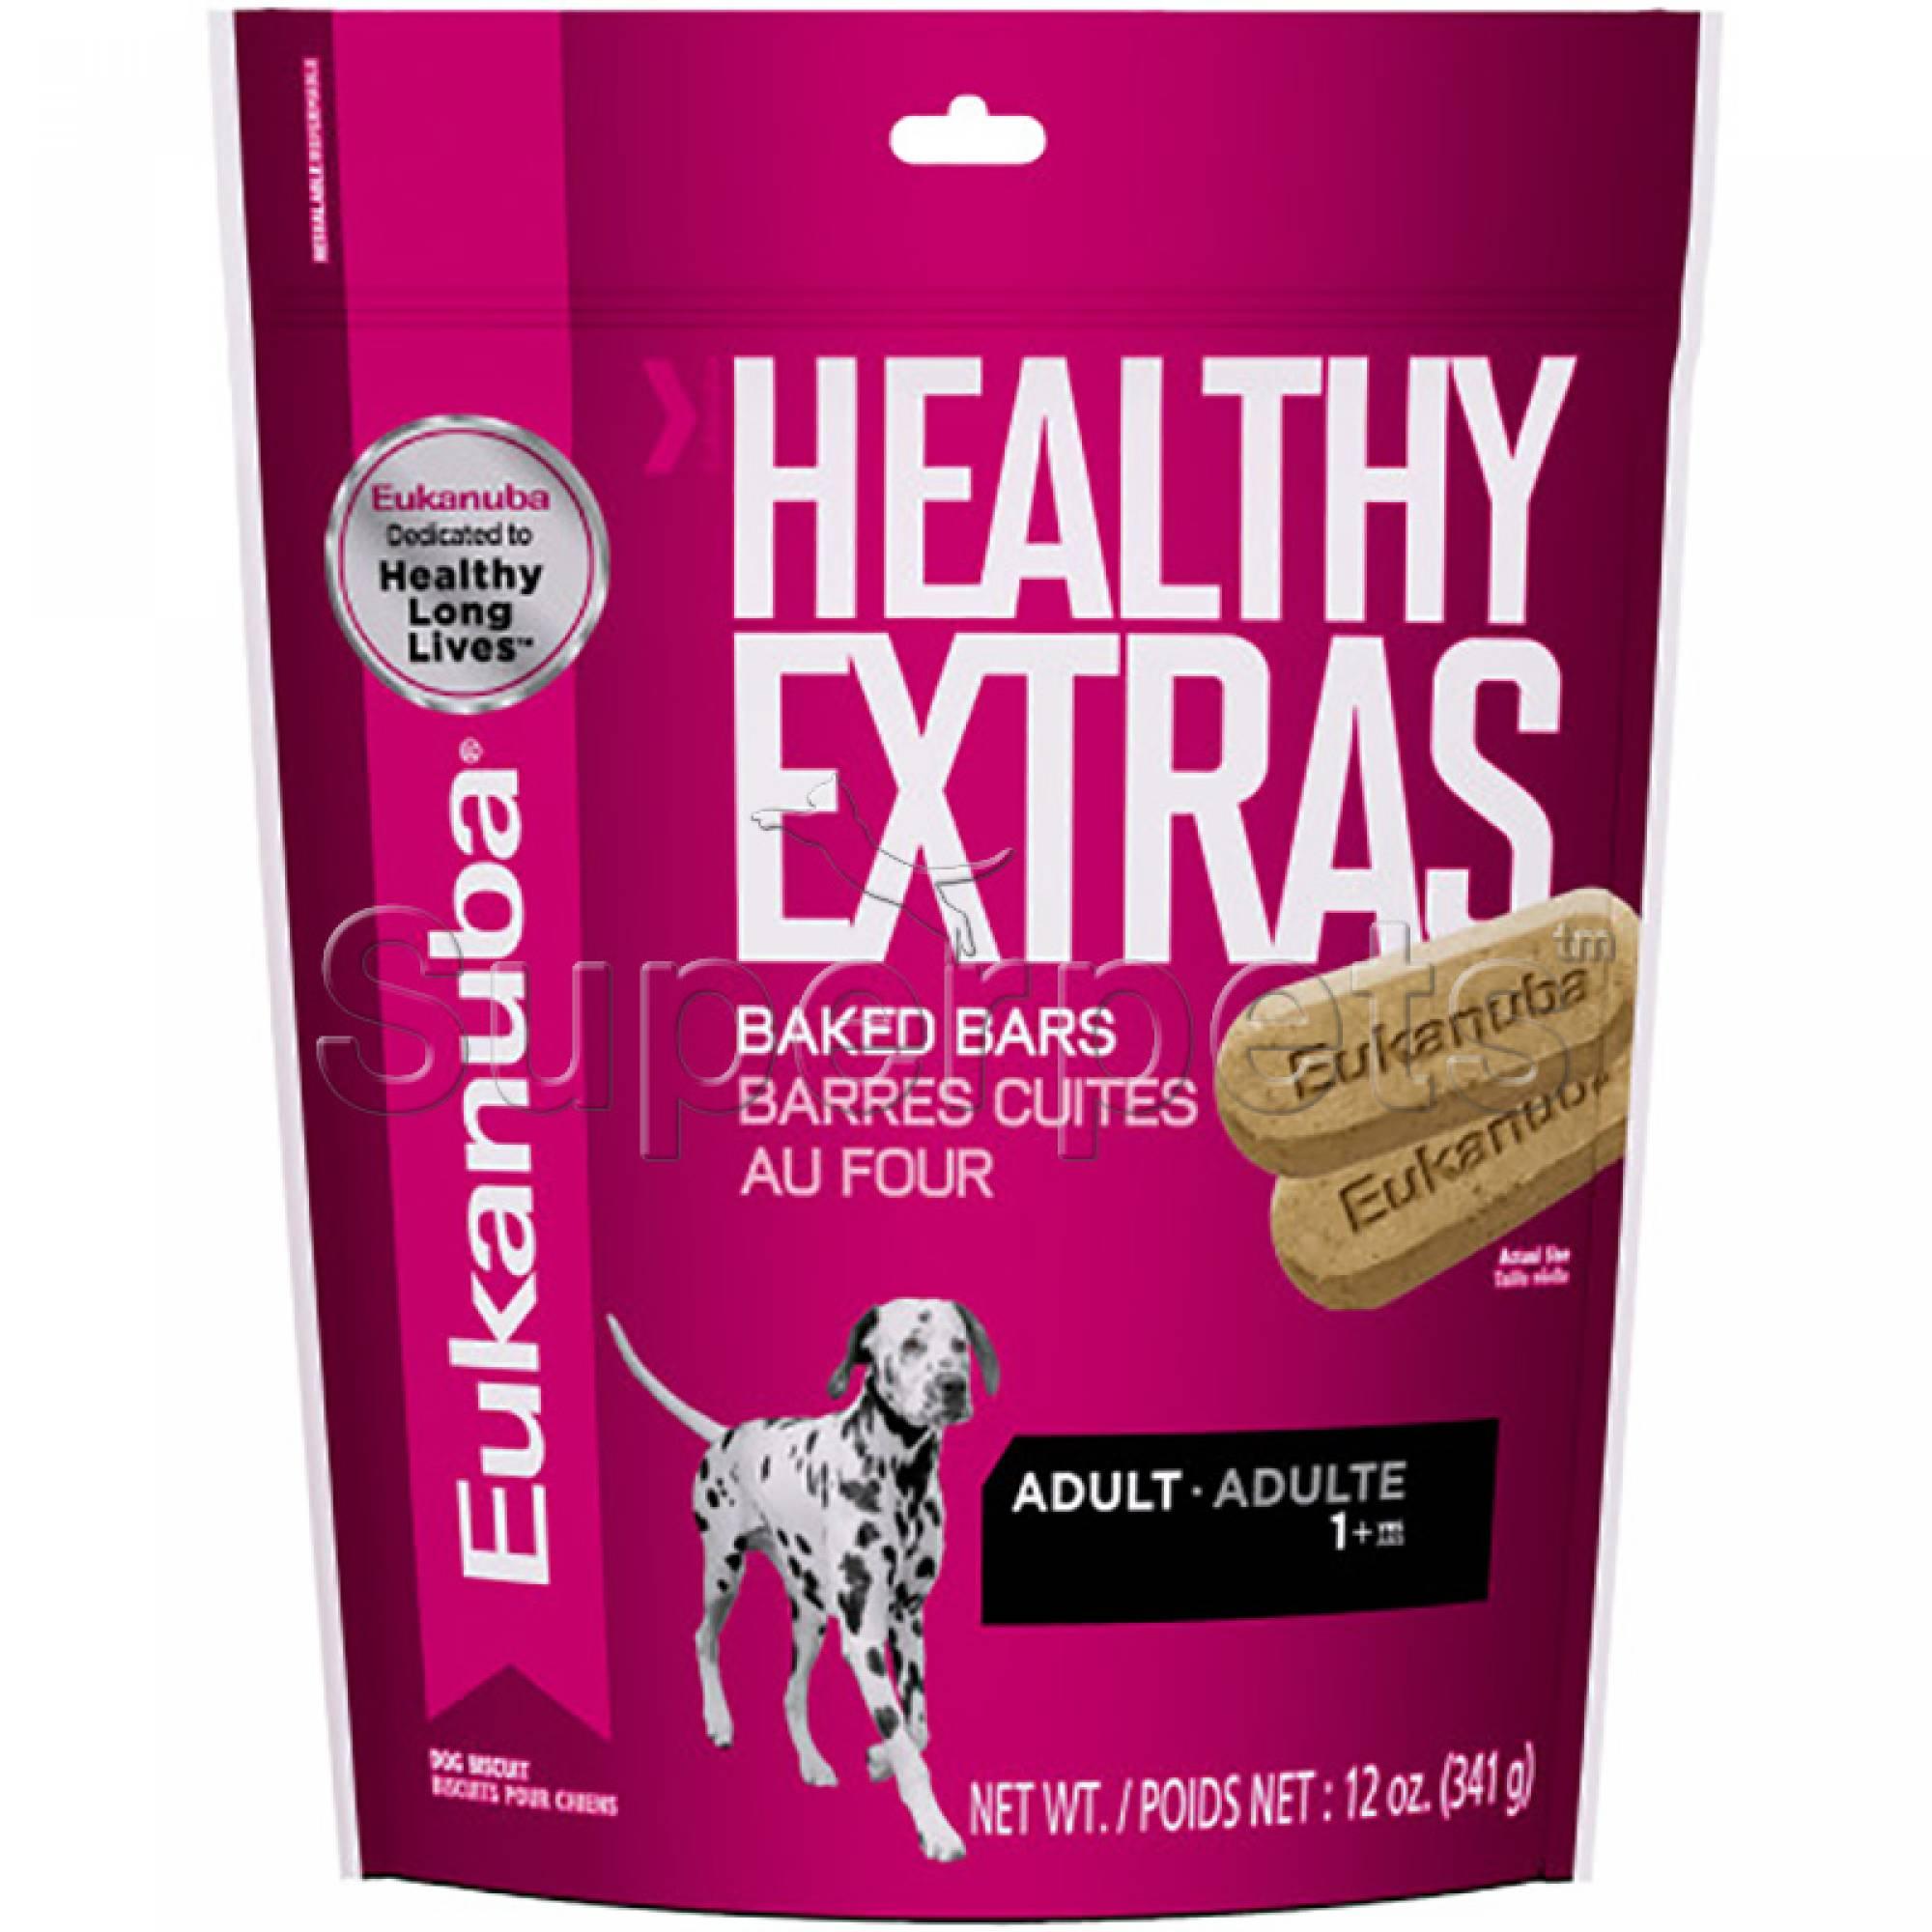 Eukanuba - Healthy Extras Baked Bars Adult Treats 12oz (341g) (Short Expiry Product)